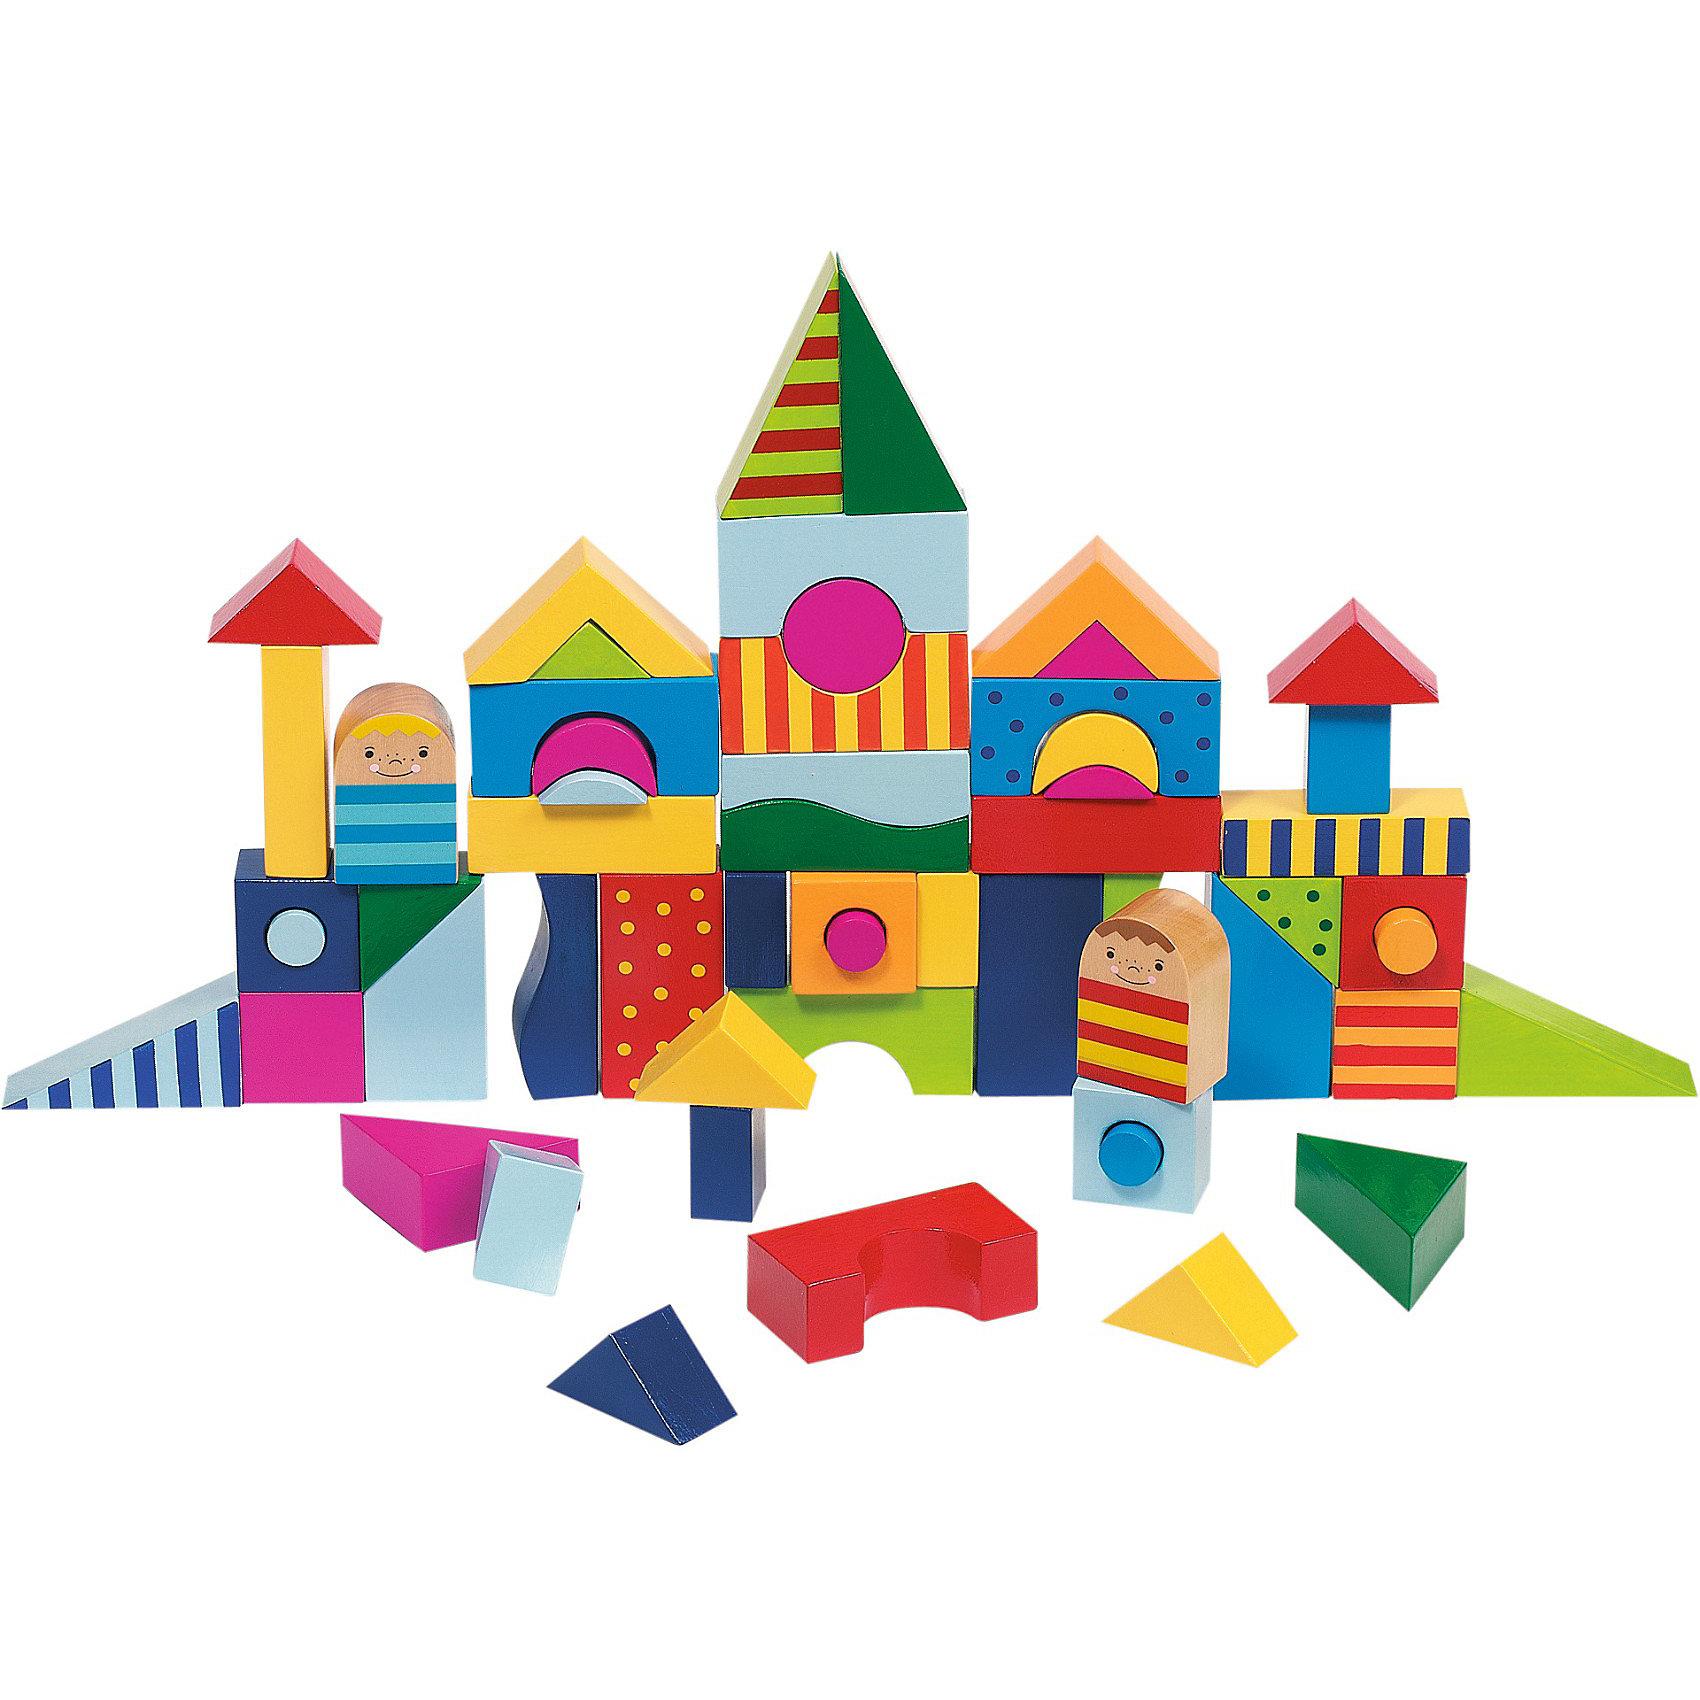 Пазл-конструктор Замок, gokiПазл-конструктор Замок, goki (гоки) – это находка, для тех, кто хочет развивать у ребенка фантазию и воображение.<br>Набор Замок от goki (гоки) - это пазл и конструктор в одной игрушке. В набор входит 57 разноцветных элементов: треугольники, квадраты, круги, арки и два человечка. Ваш ребенок сможет в полной мере проявить свои архитекторские способности построить из деталей набора замки, дома и другие фигуры, и играть с ними в сюжетные игры. А можно собрать плоский пазл, разместив в нужном порядке элементы в деревянную рамку – поддон. Игры с пазлом - конструктором поможет малышу не только развить глазомер и координацию, но и выучить все цвета, формы и научит их совмещать. Набор абсолютно безопасный, ведь все элементы сделаны из качественной древесины и покрыты красками на водной основе.<br><br>Дополнительная информация:<br><br>- В наборе: 57 элементов в деревянном поддоне<br>- Материал: древесина, безопасные краски<br>- Размер упаковки: 23,5 х 23,5 см.<br>- Вес: 790 гр.<br><br>Пазл-конструктор Замок, goki (гоки) можно купить в нашем интернет-магазине.<br><br>Ширина мм: 235<br>Глубина мм: 235<br>Высота мм: 235<br>Вес г: 790<br>Возраст от месяцев: 36<br>Возраст до месяцев: 72<br>Пол: Унисекс<br>Возраст: Детский<br>SKU: 3777813